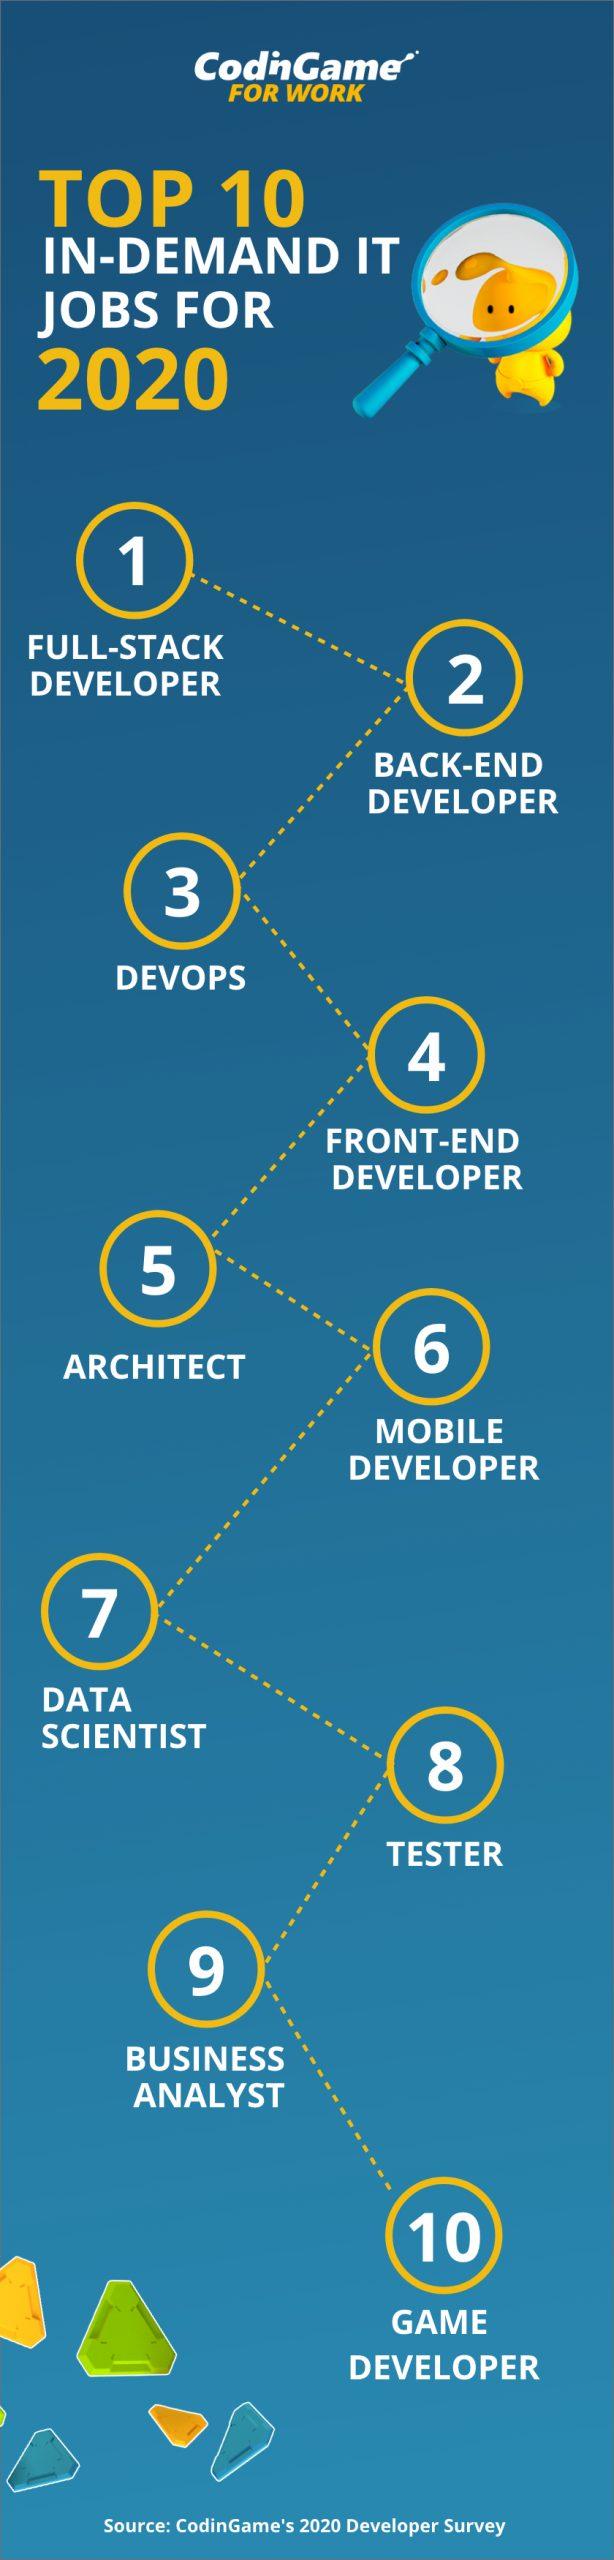 Top 10 In-Demand IT Jobs in 2020 #infographic #Jobs #Jobs Demand